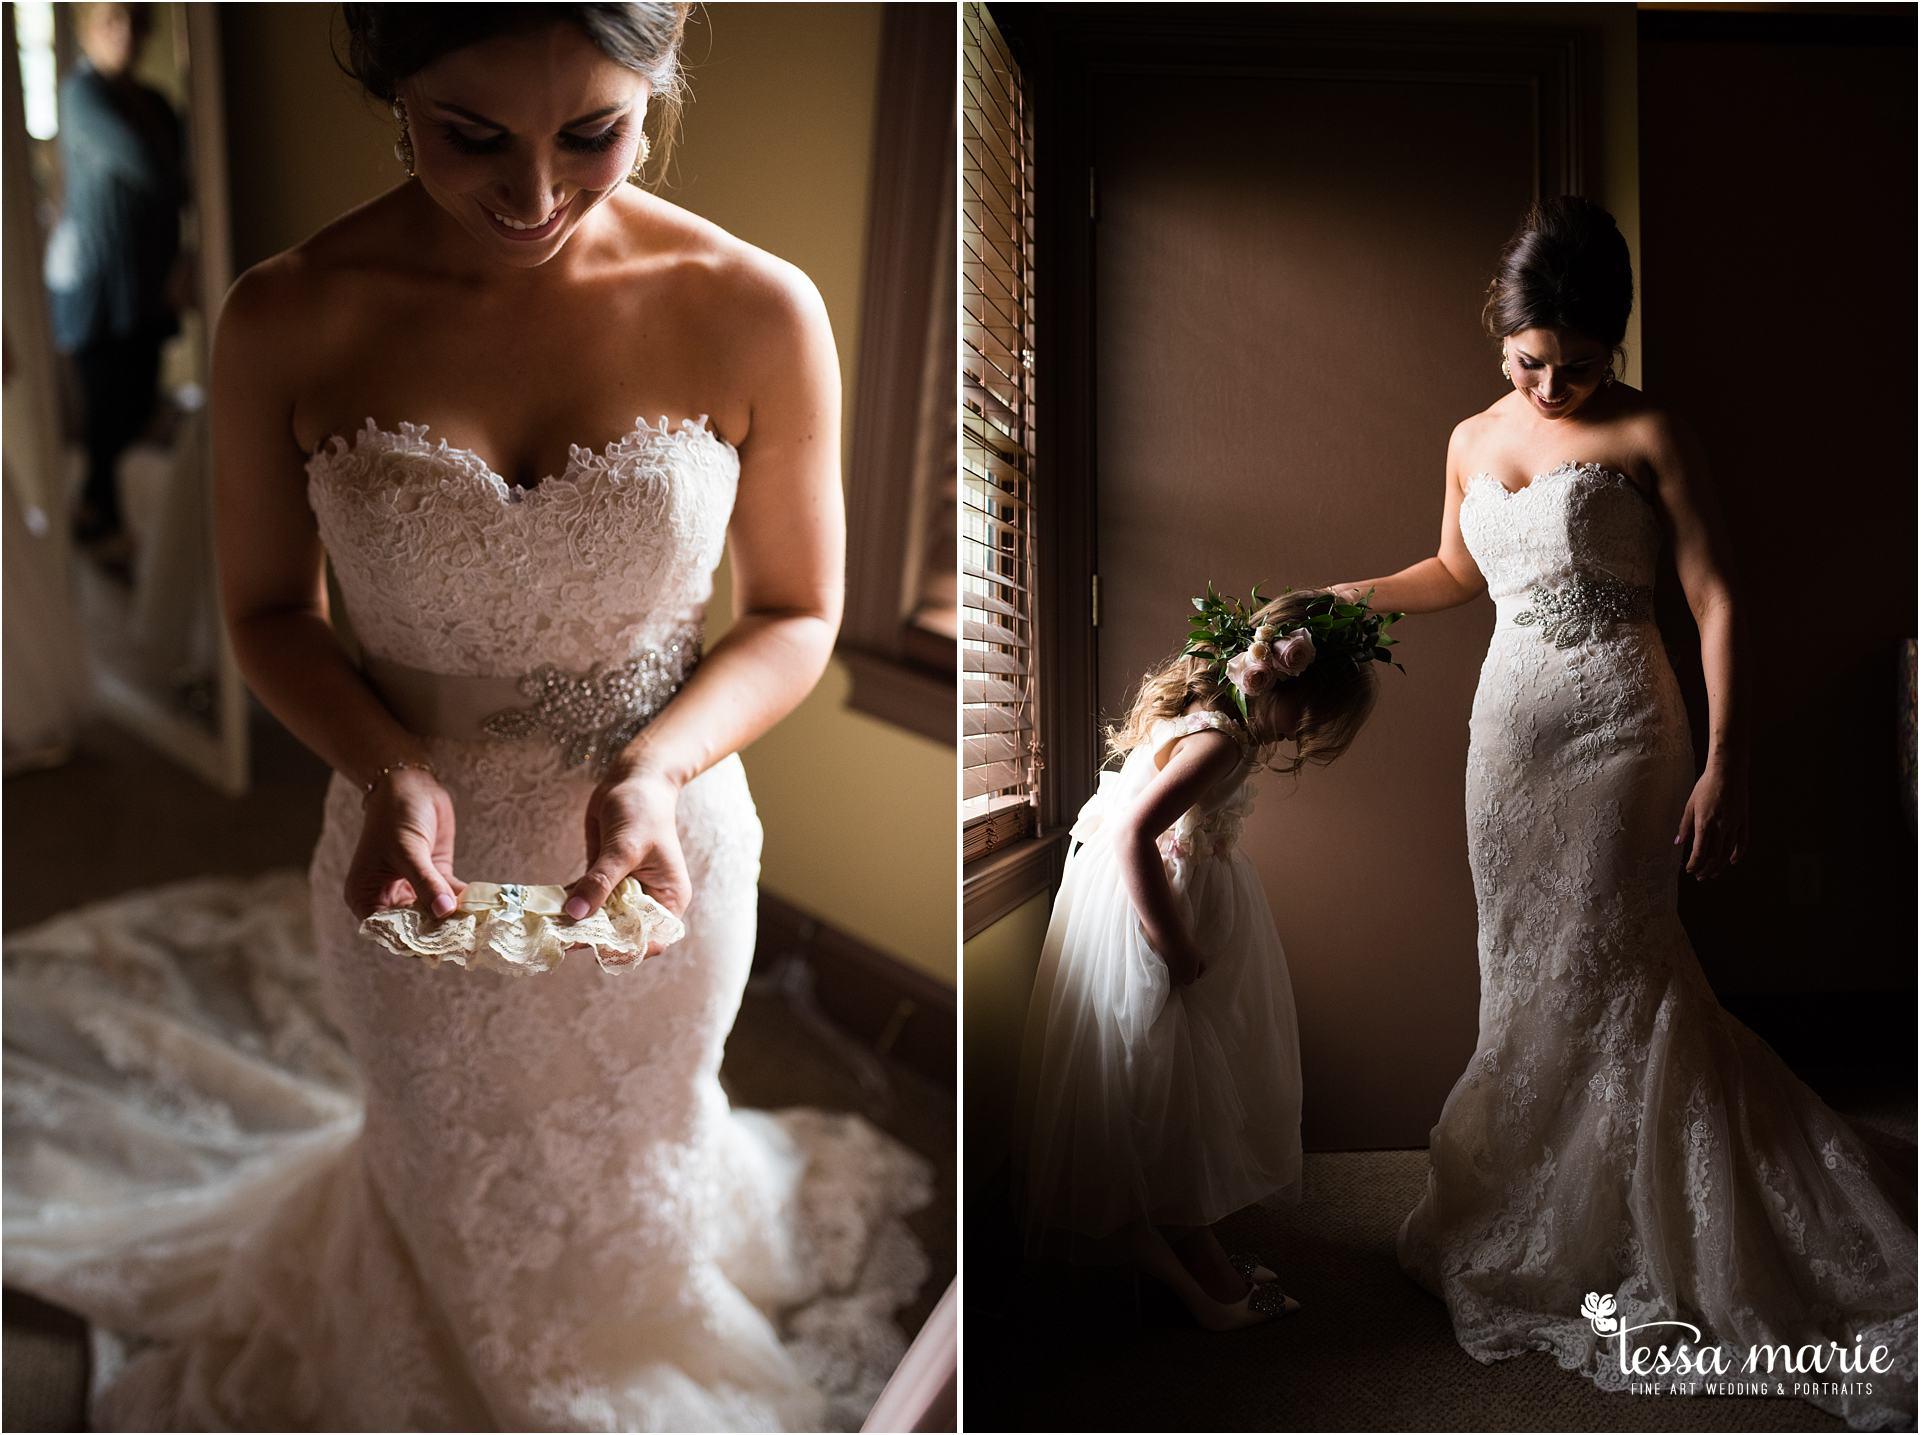 032216_brittany_kevin_wedding-20